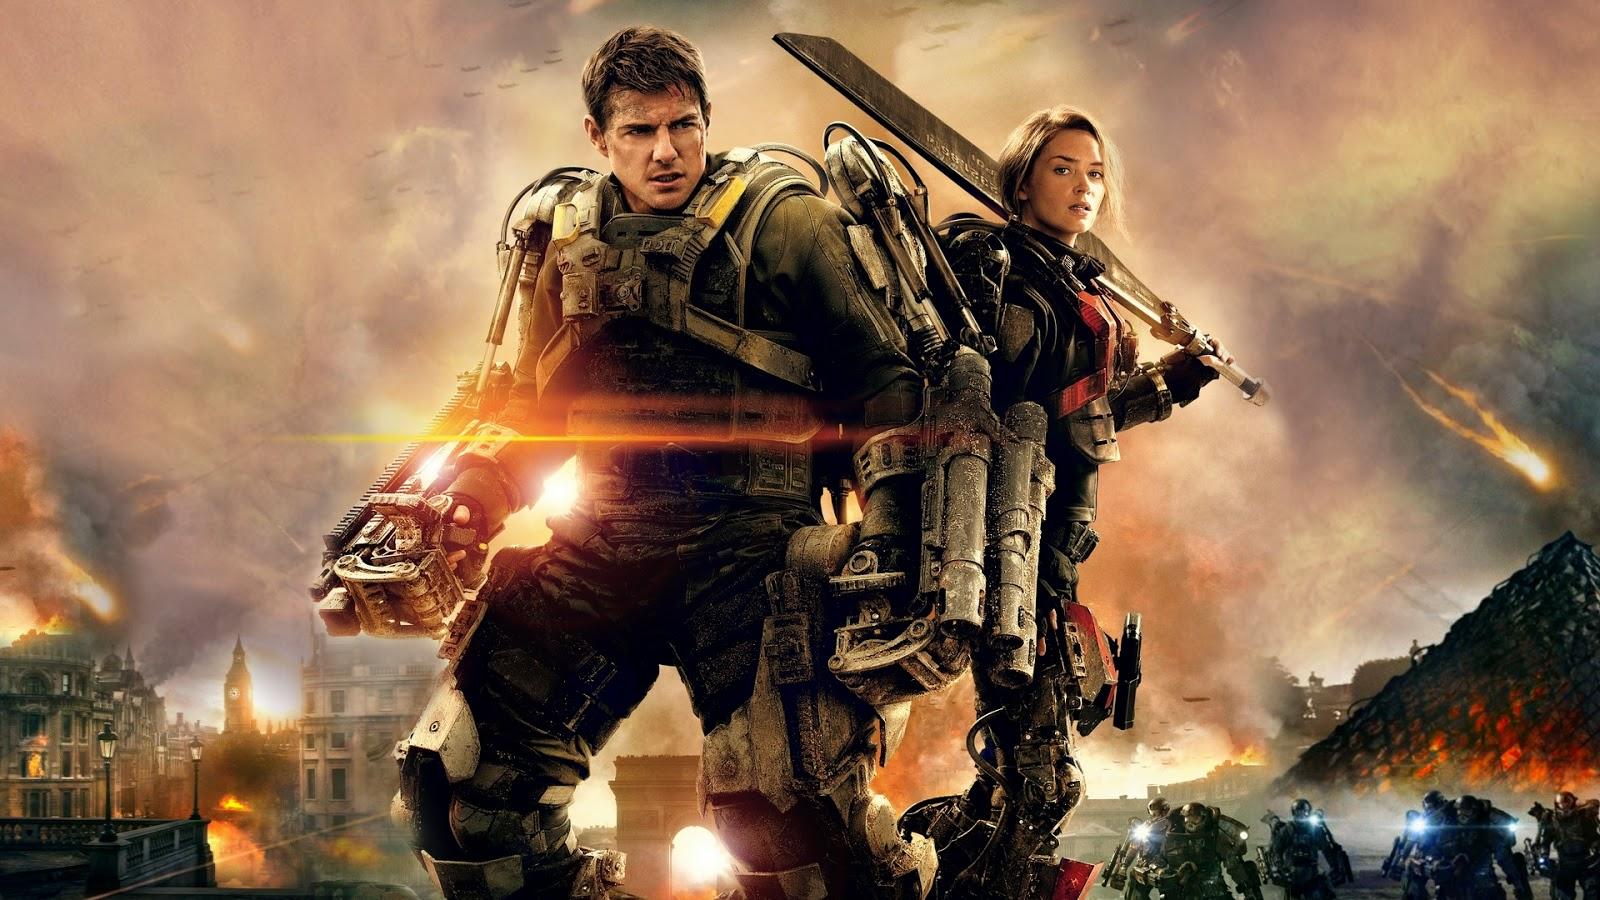 ดูหนัง Edge of Tomorrow - เอดจ์ ออฟ ทูมอร์โรว์ : ซูเปอร์นักรบดับทัพอสูร ชนโรง